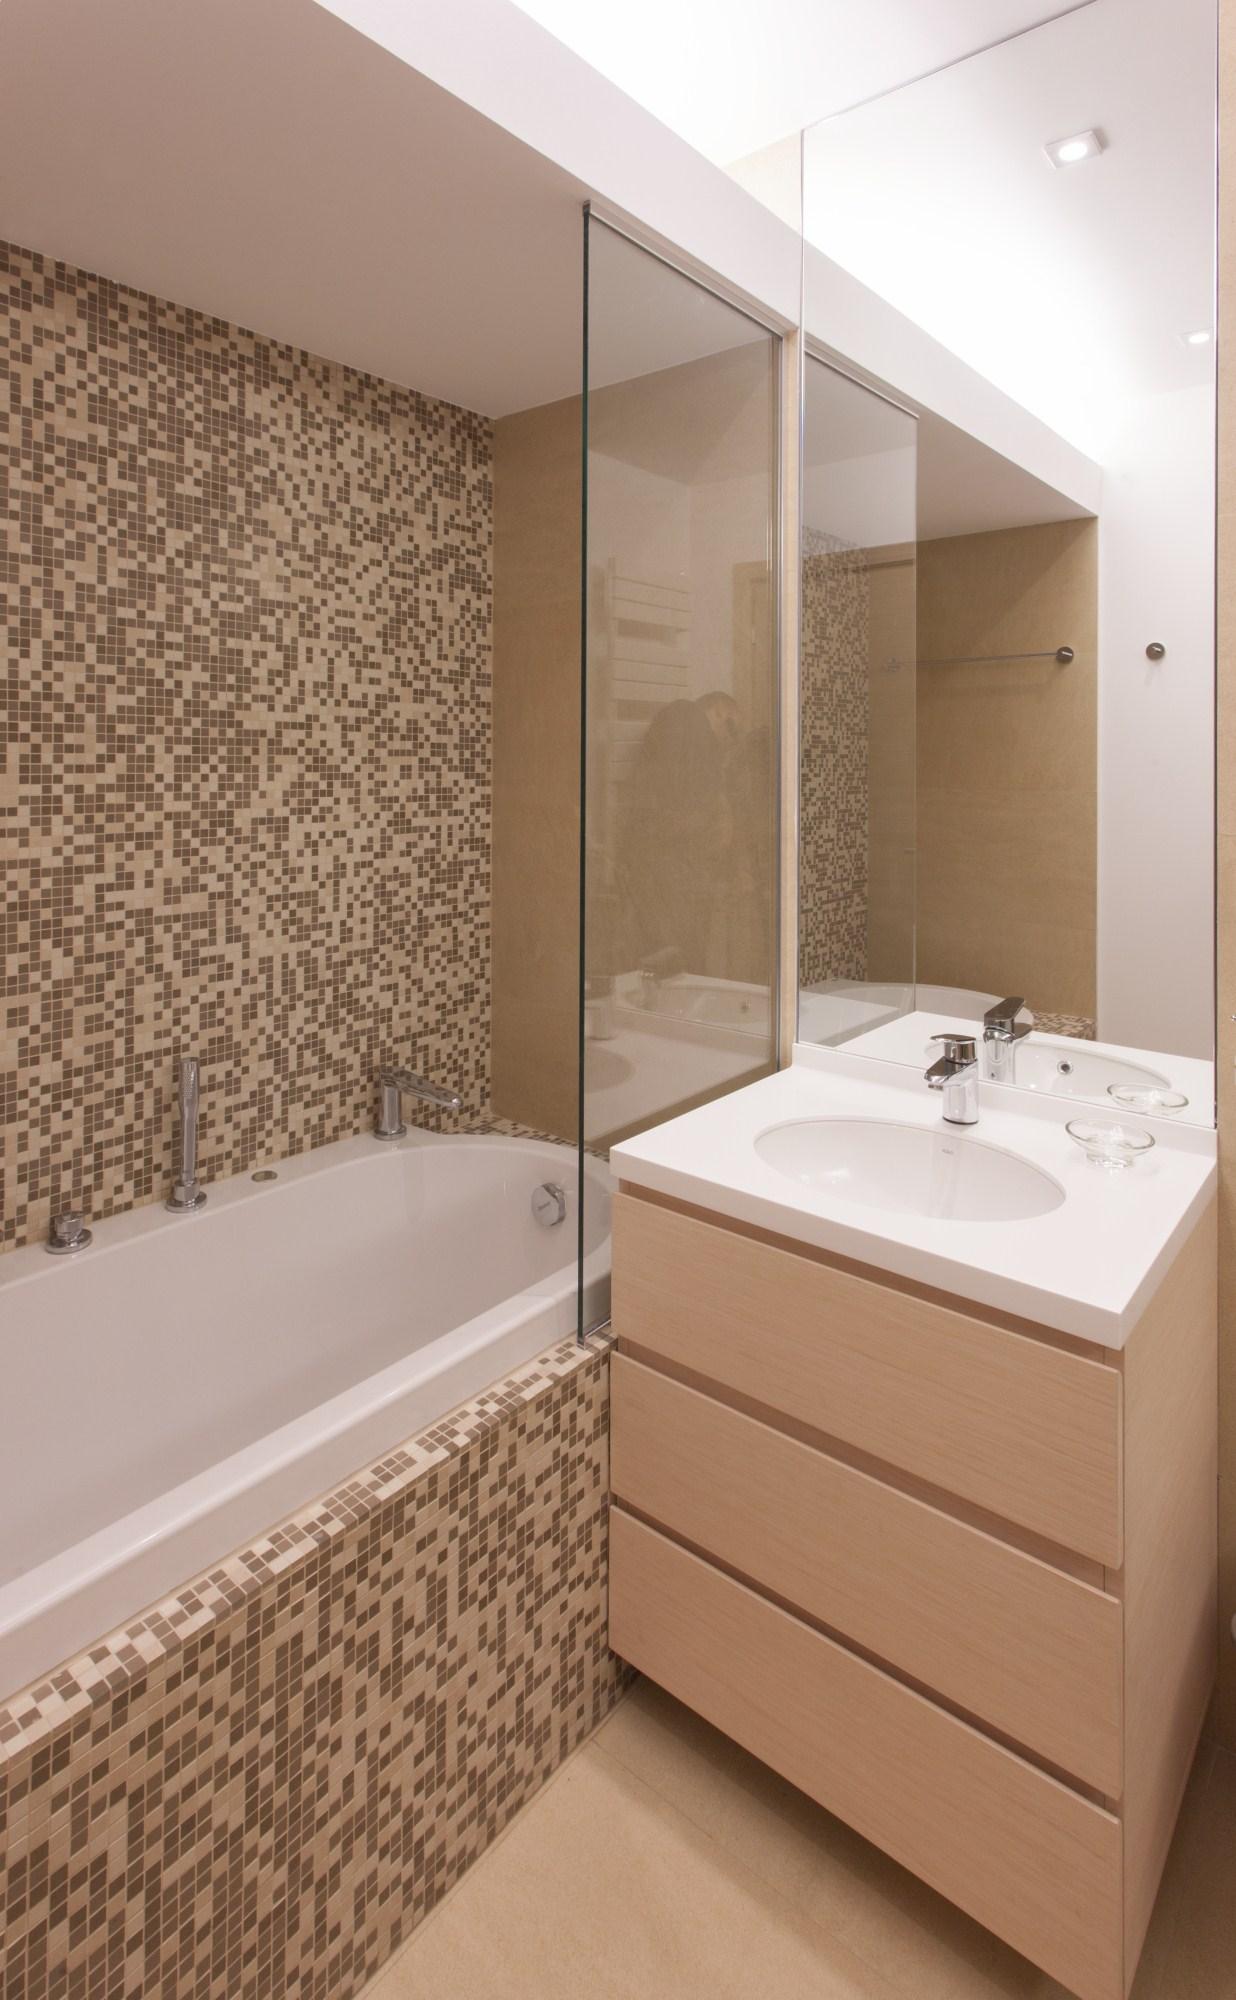 https://nbc-arhitect.ro/wp-content/uploads/2020/10/NBC-Arhitect-_-Petofi-Sandor-_-Housing-_-interior-design_bathroom_2.jpg